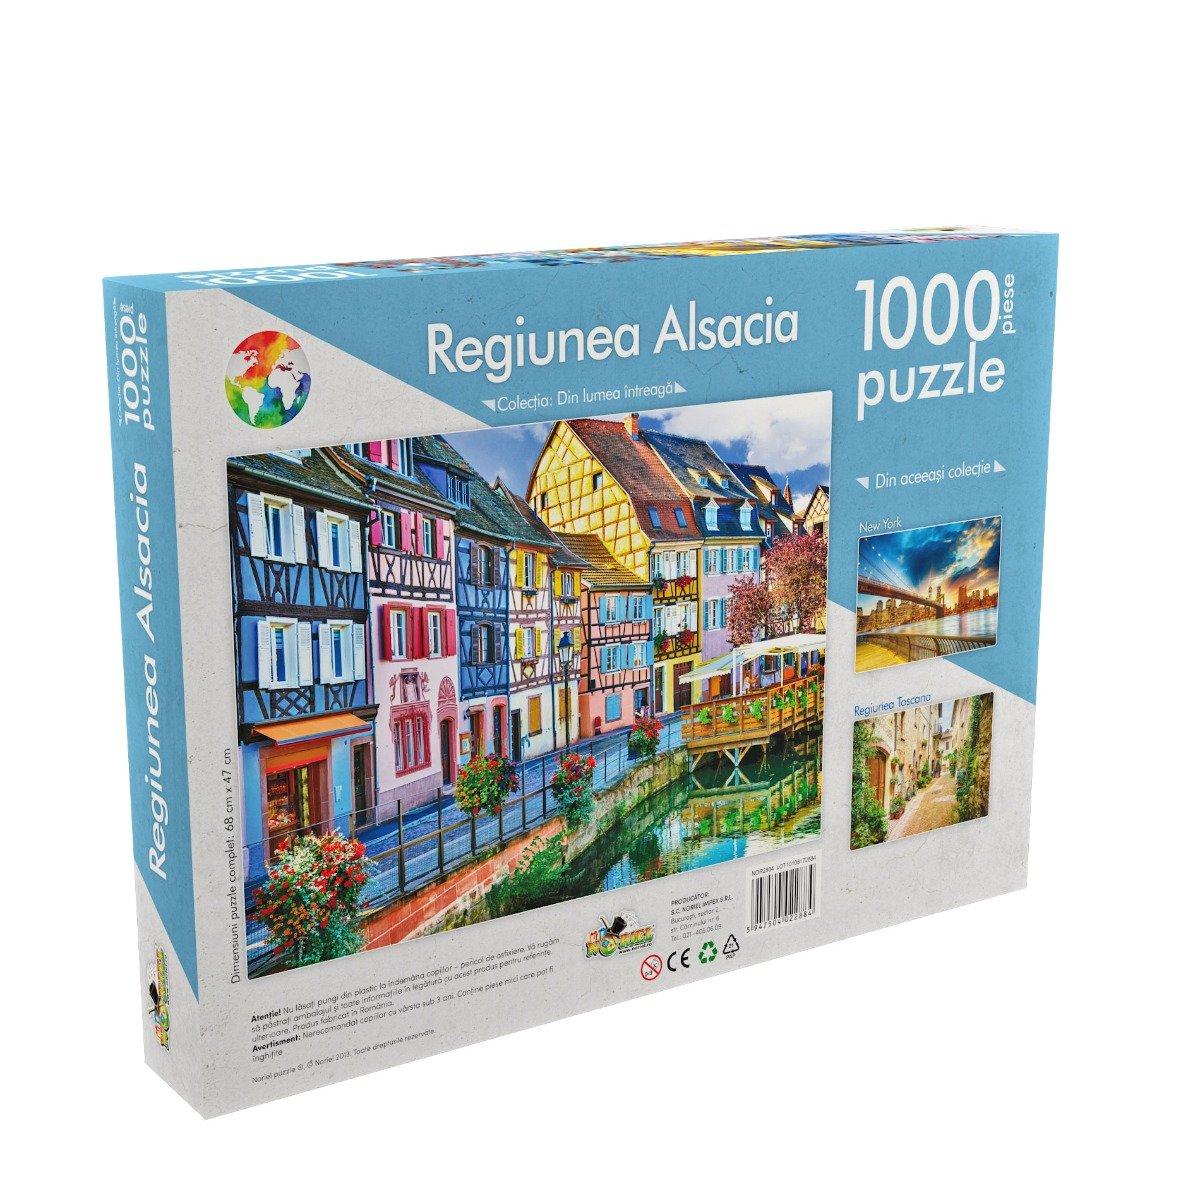 puzzle noriel din lumea intreaga - regiunea alsacia (1000 piese)